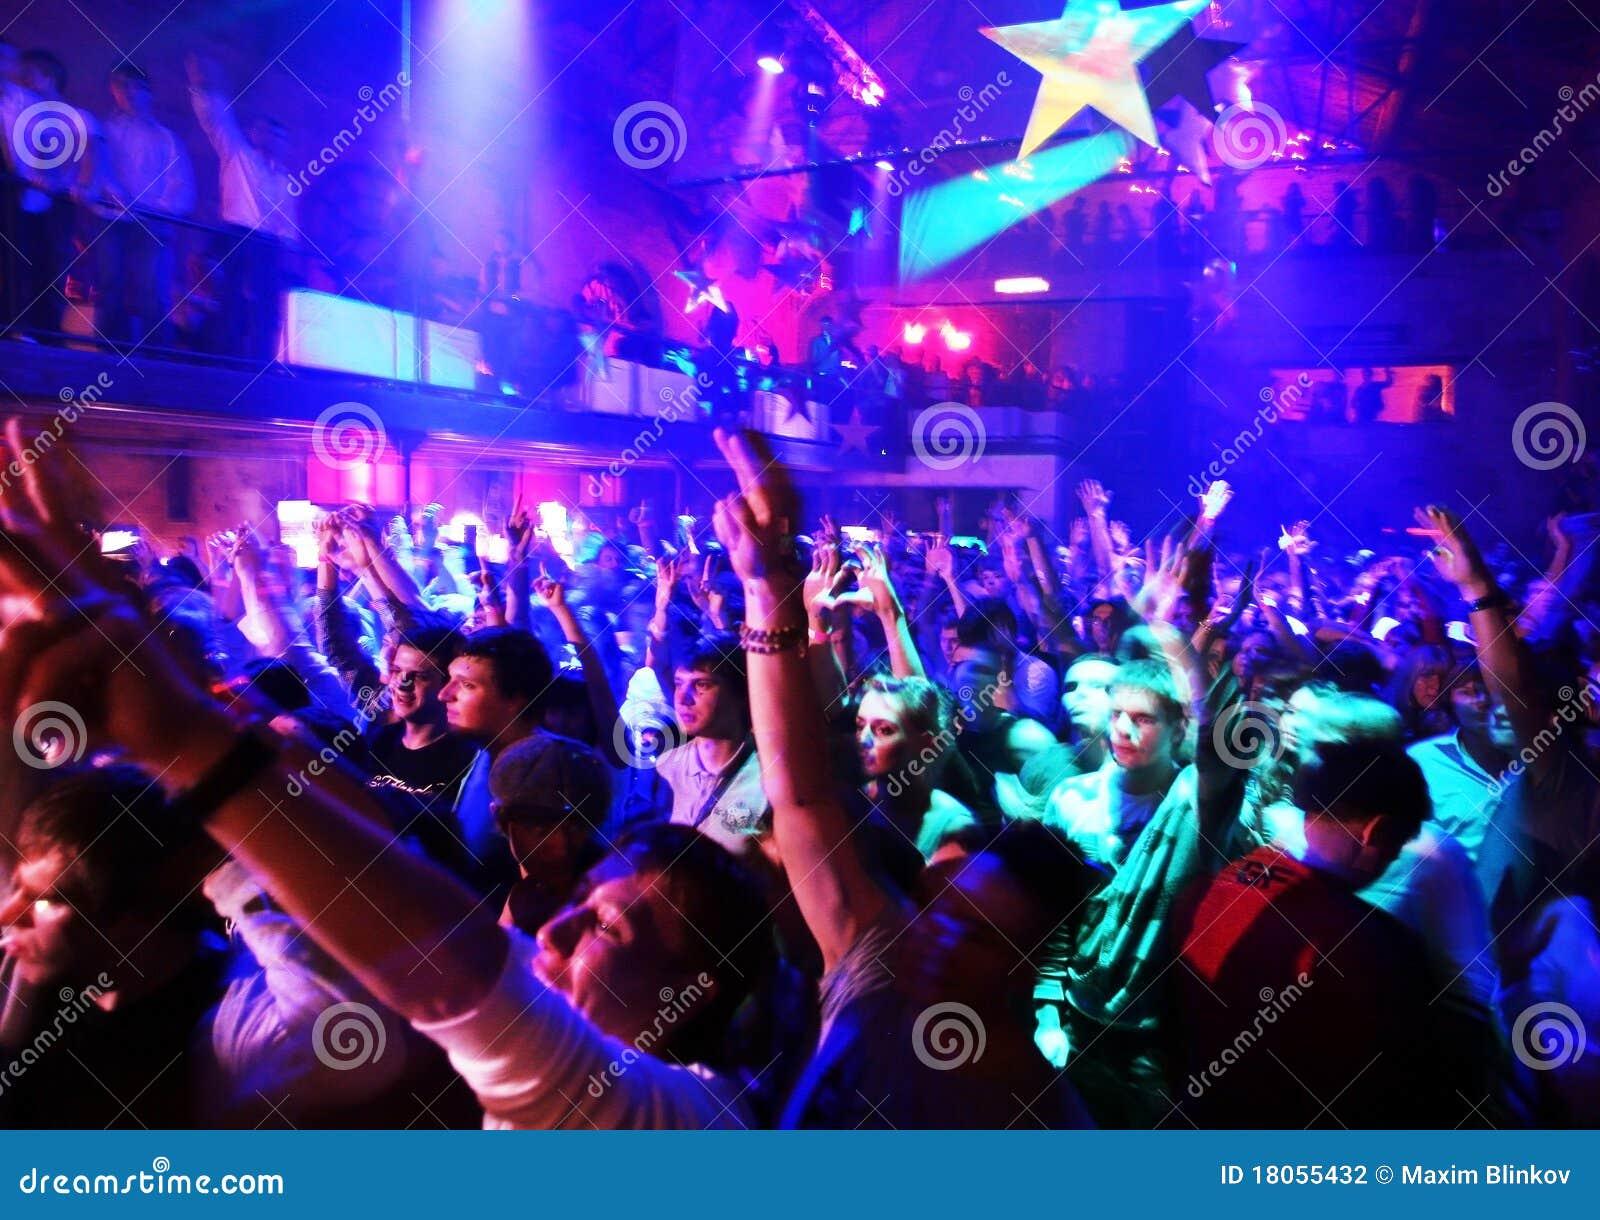 Смотреть клуб ночной россия вип стриптиз бар